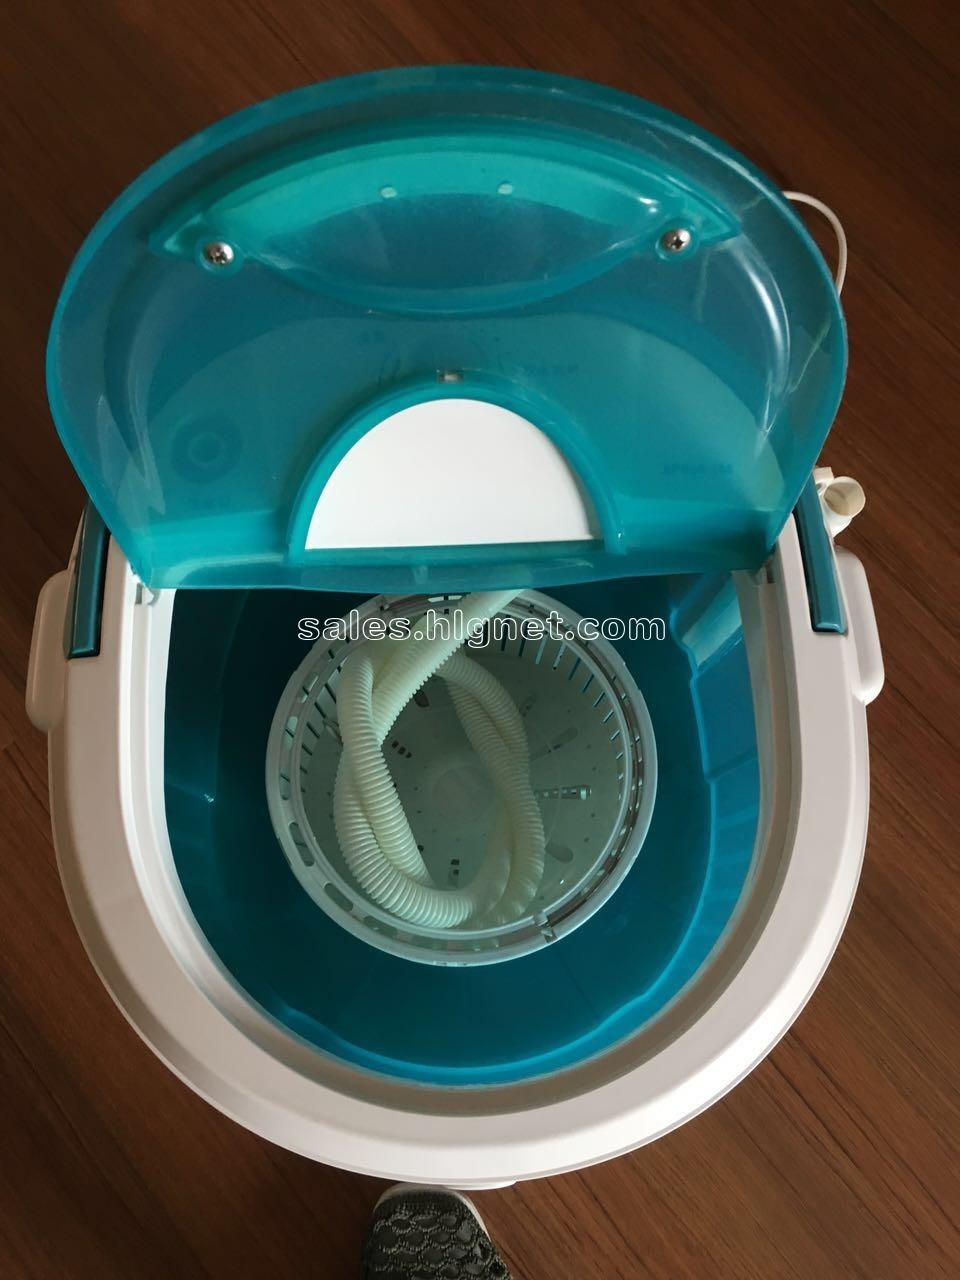 冰熊xpb30-188,迷你洗衣机,3kg.使用时间1年内,没用过几次.